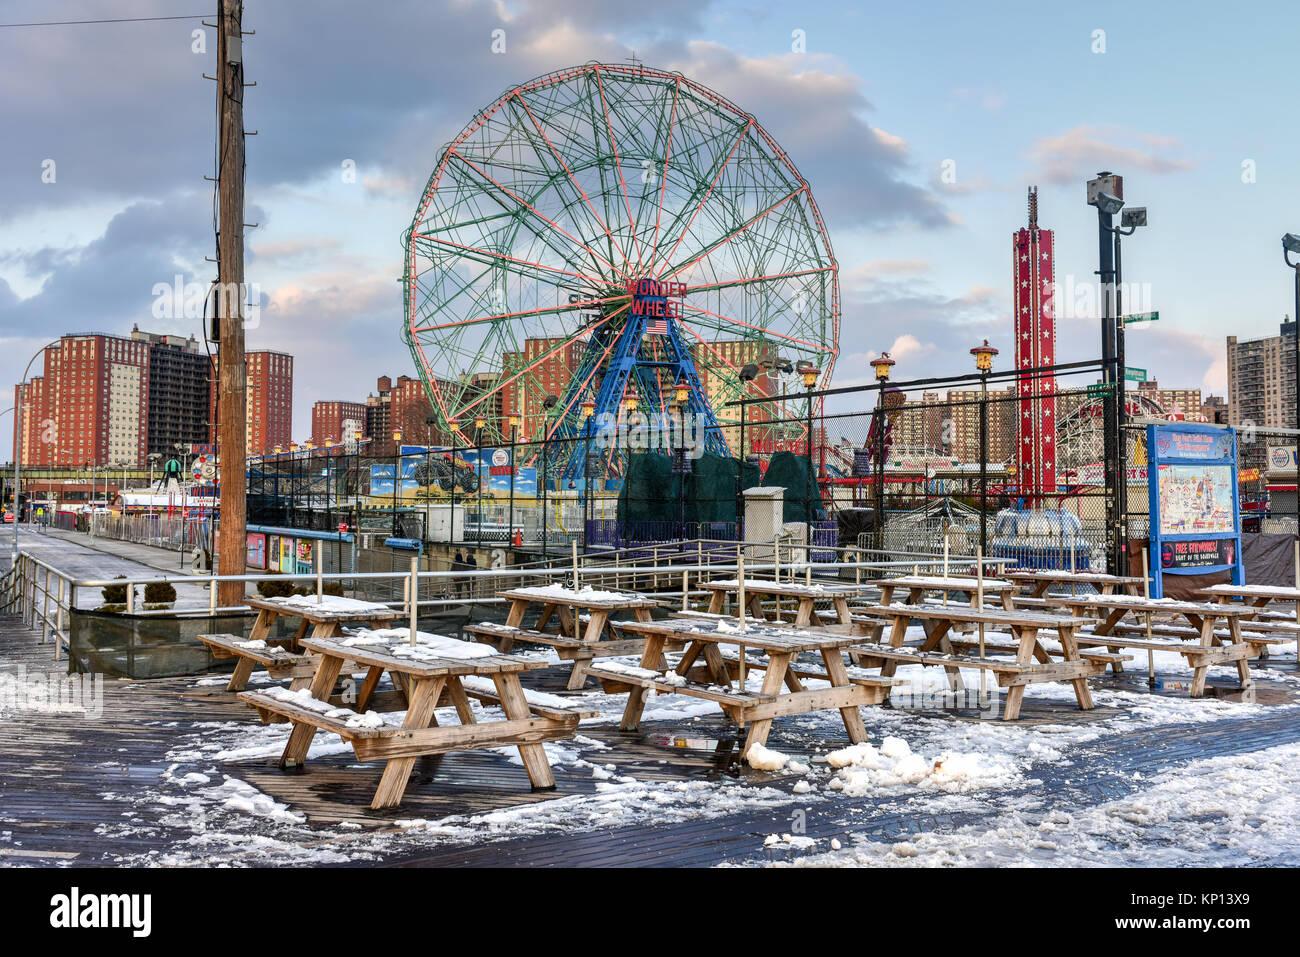 La Ciudad de Nueva York - 10 de diciembre de 2017: rueda de maravilla en el Luna Park. Su parque de diversiones Imagen De Stock